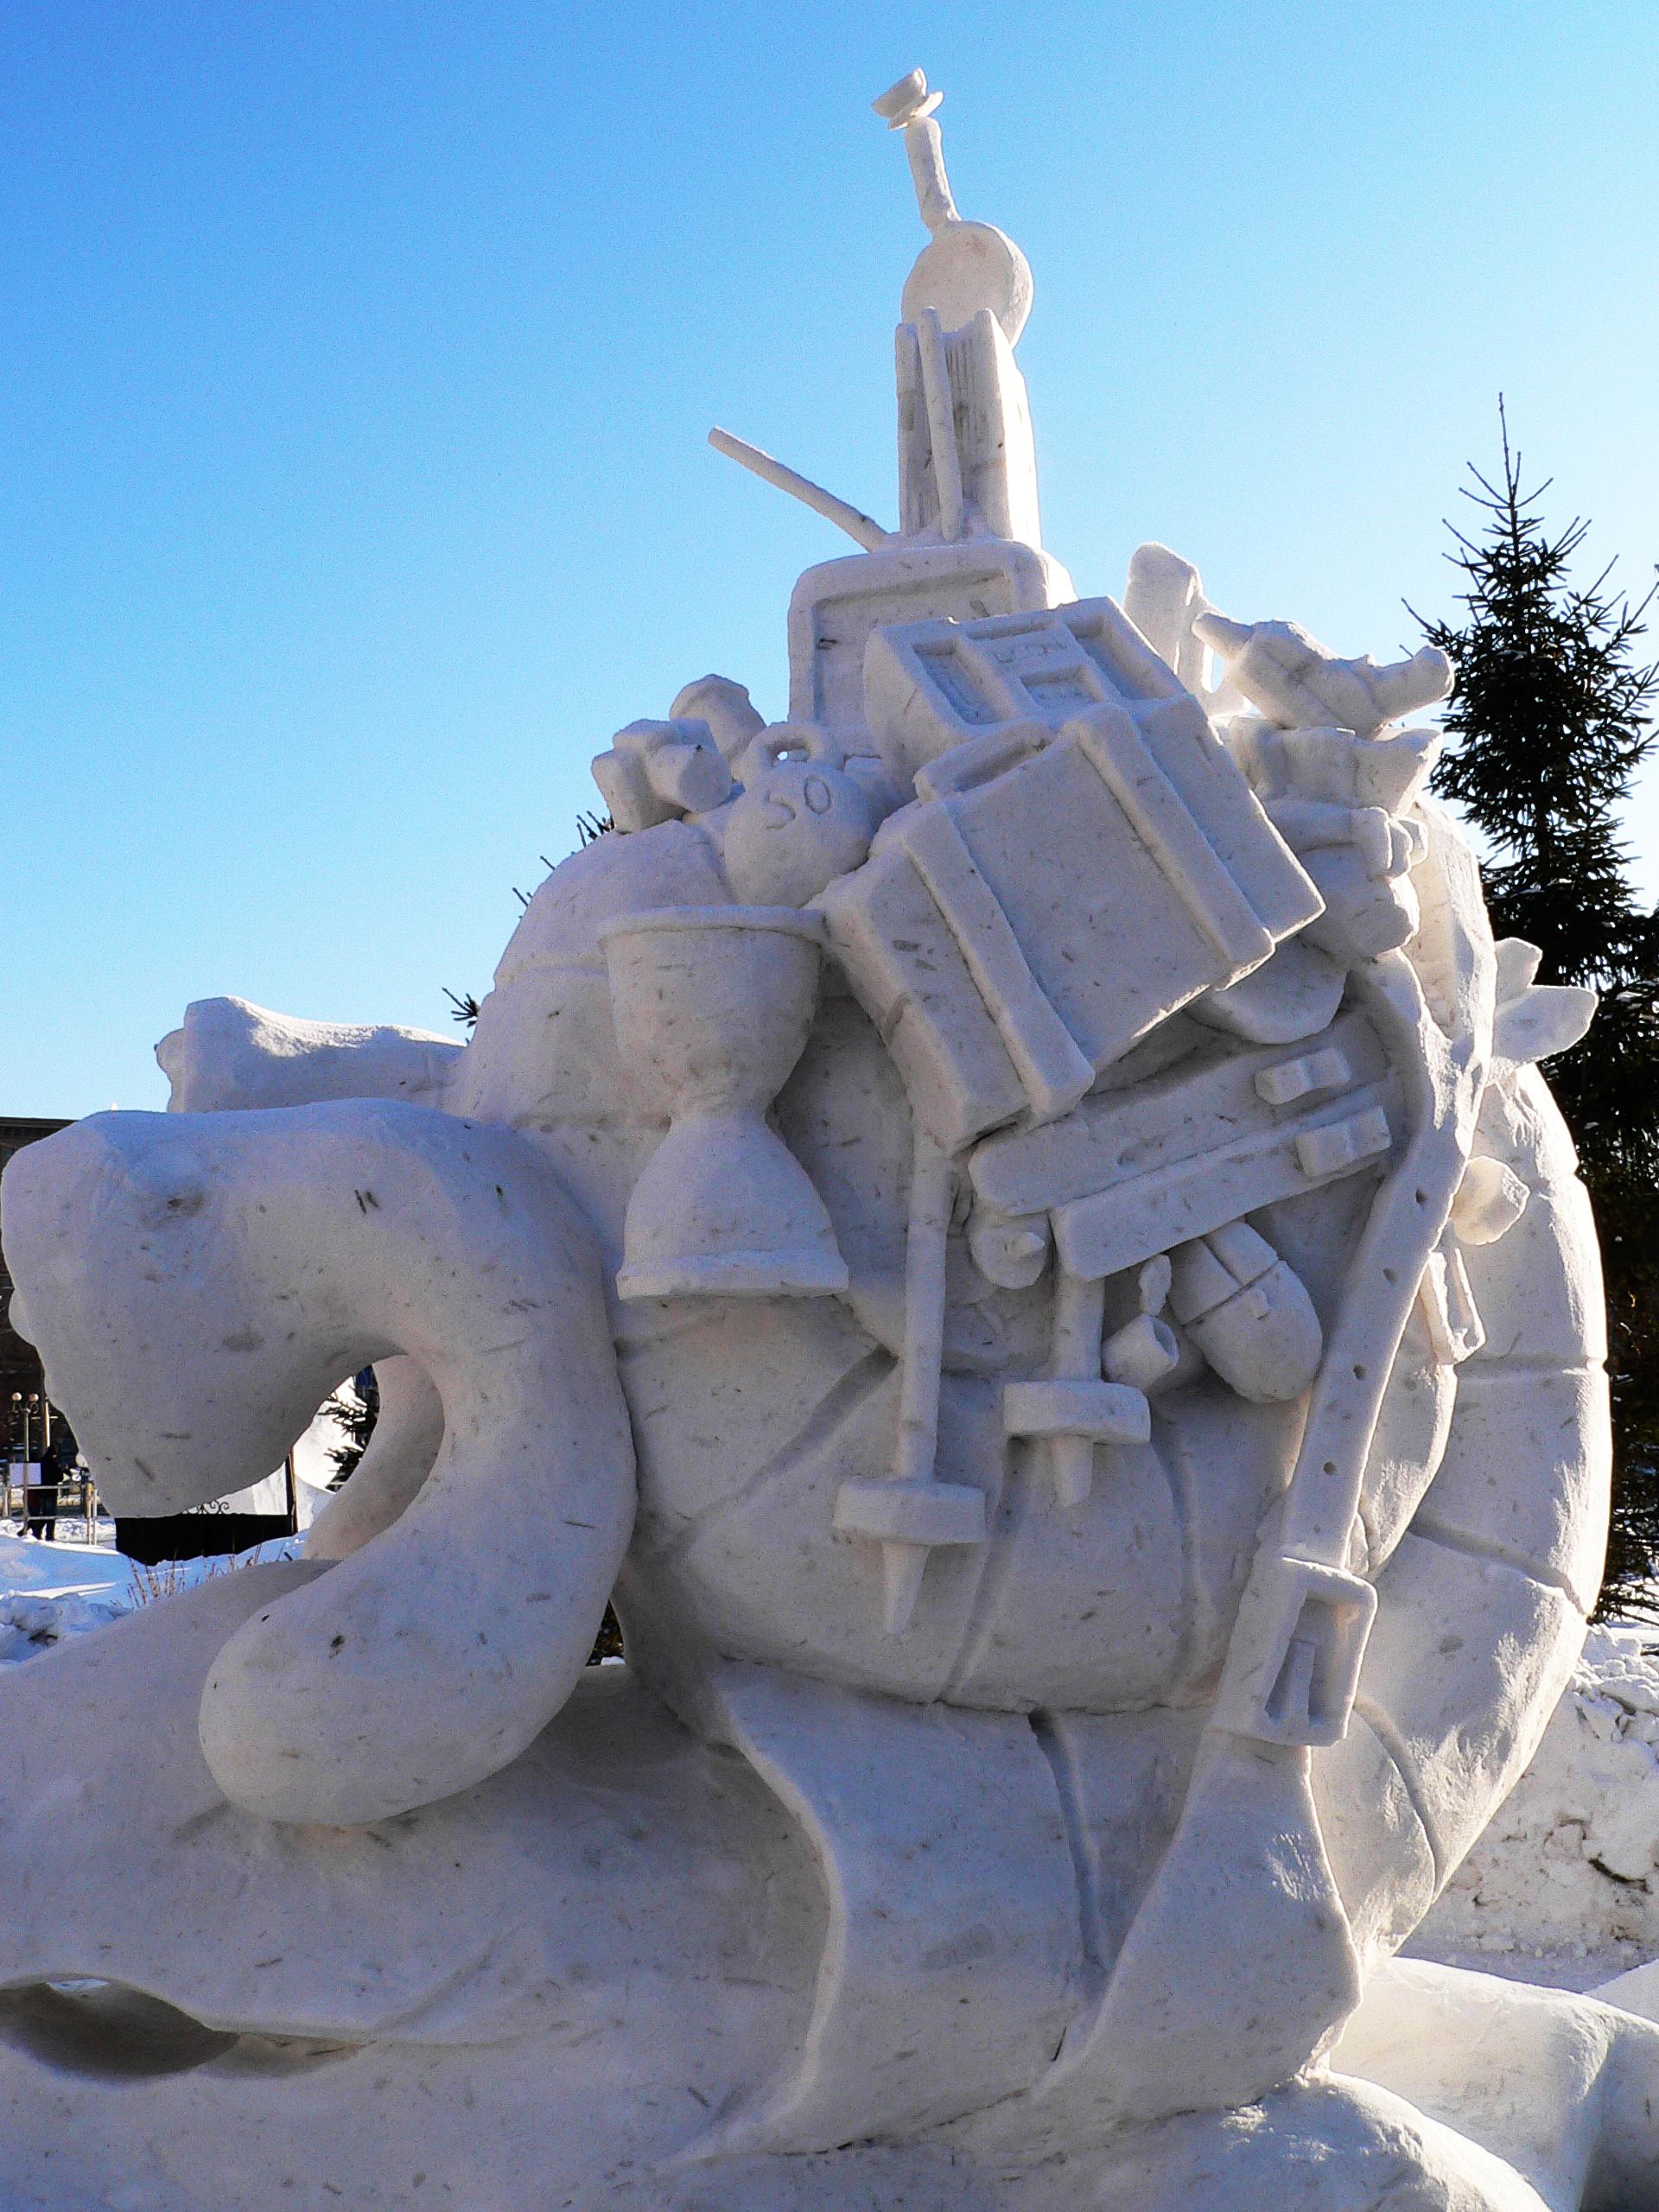 Фотография-снежной-скульптуры-Нагрузилась-Новосибирск-2014